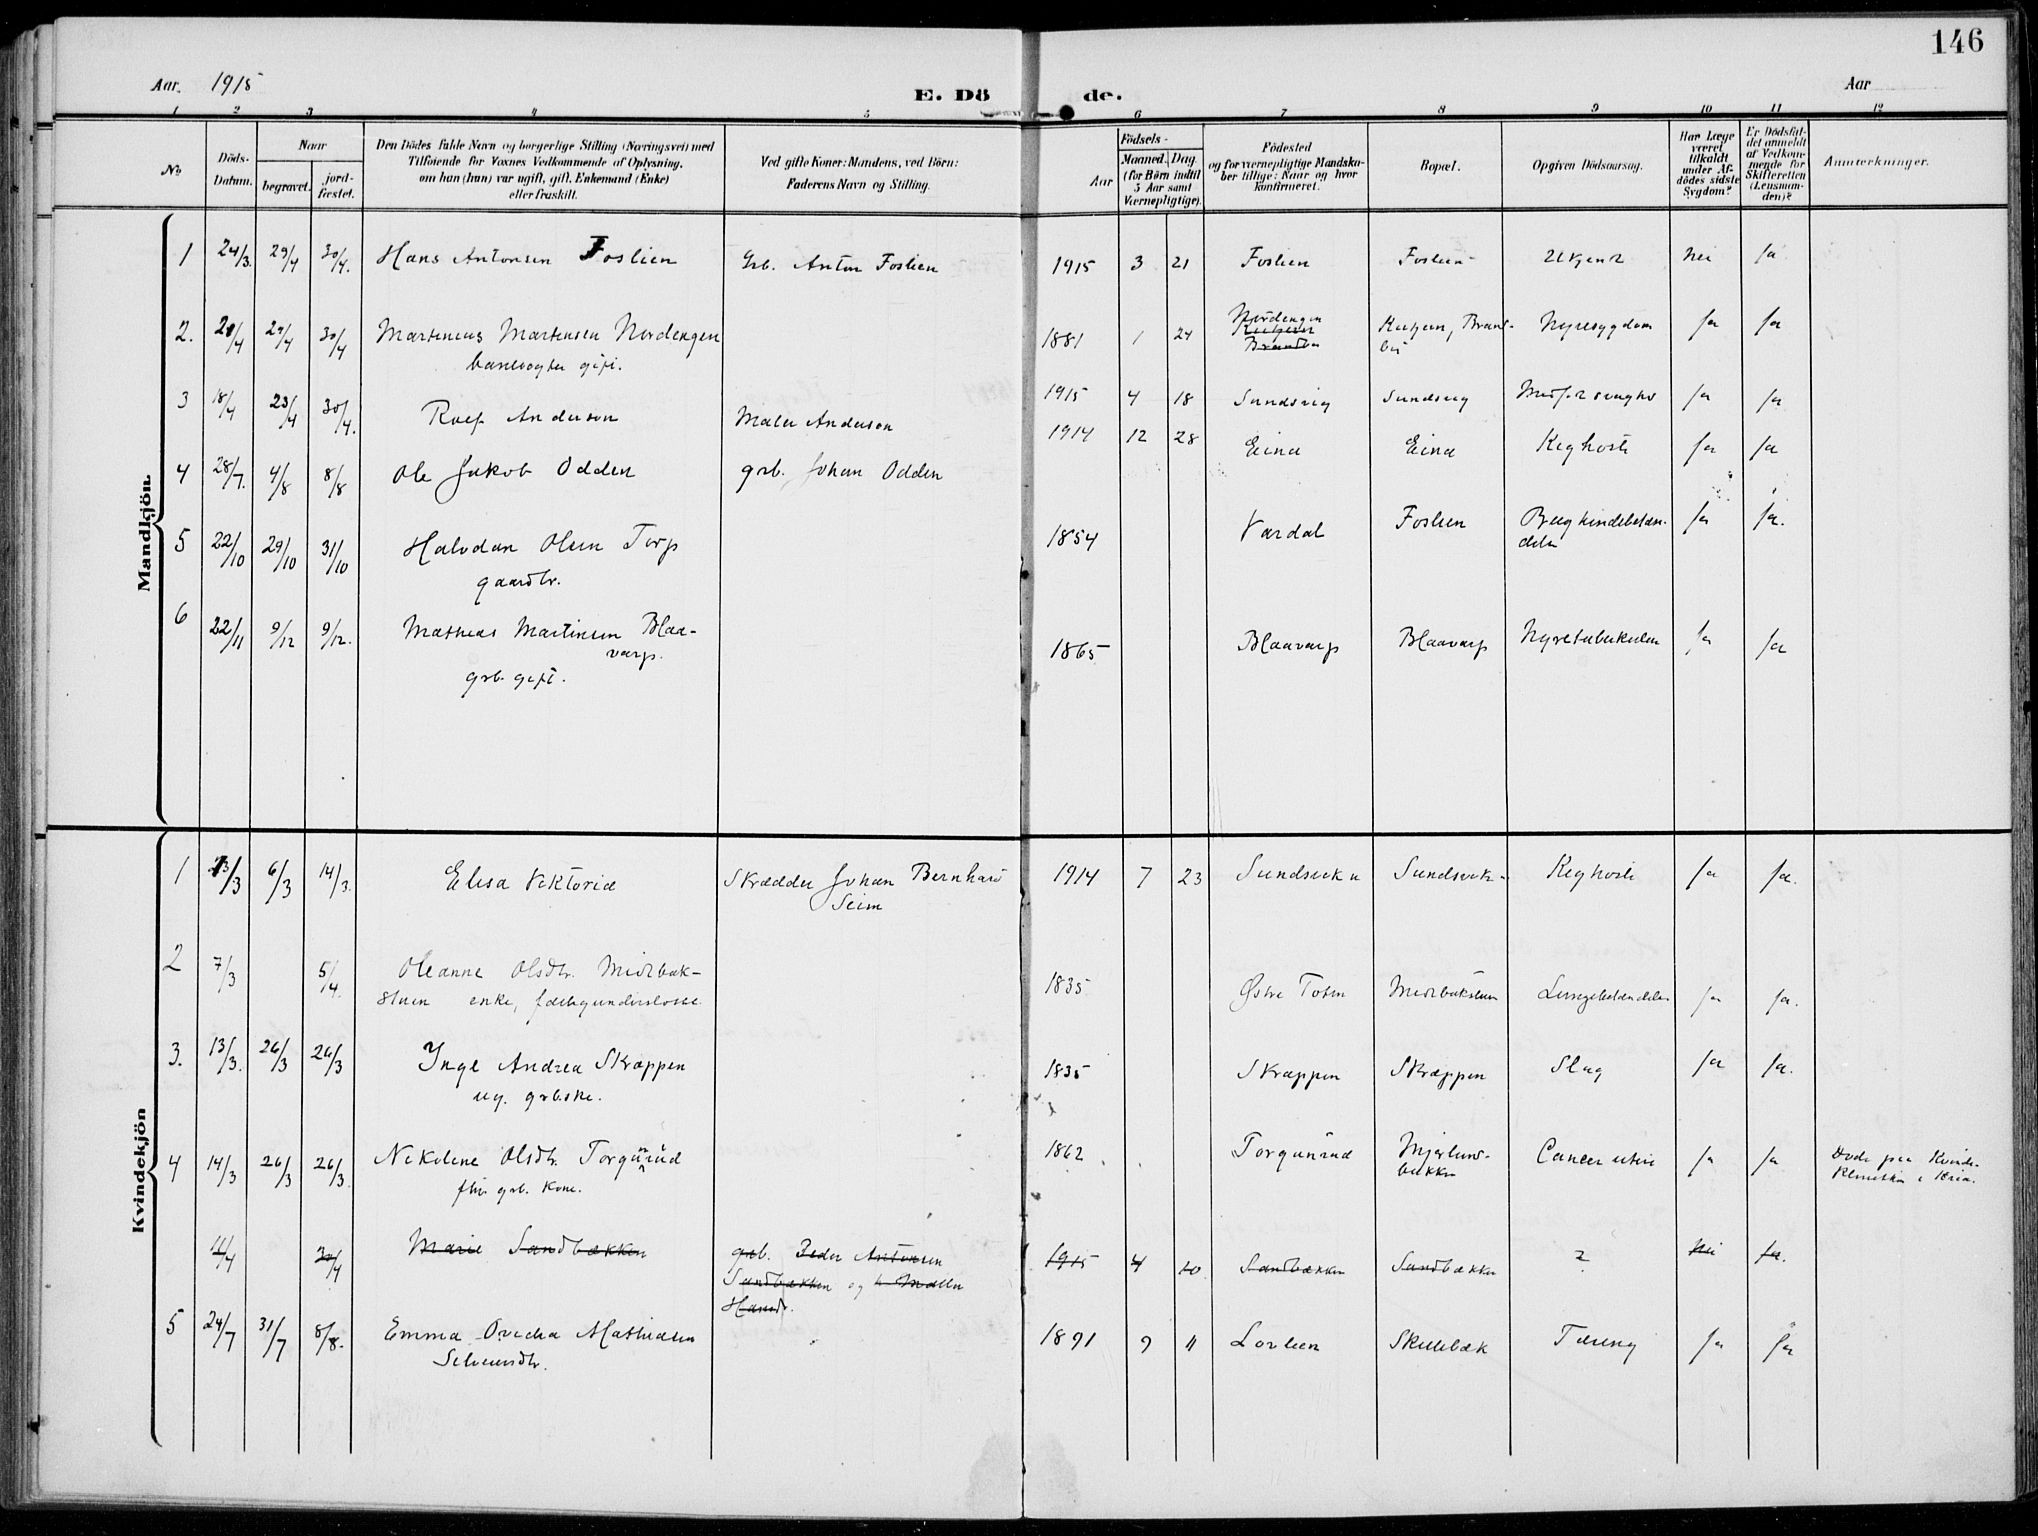 SAH, Kolbu prestekontor, Ministerialbok nr. 1, 1907-1923, s. 146